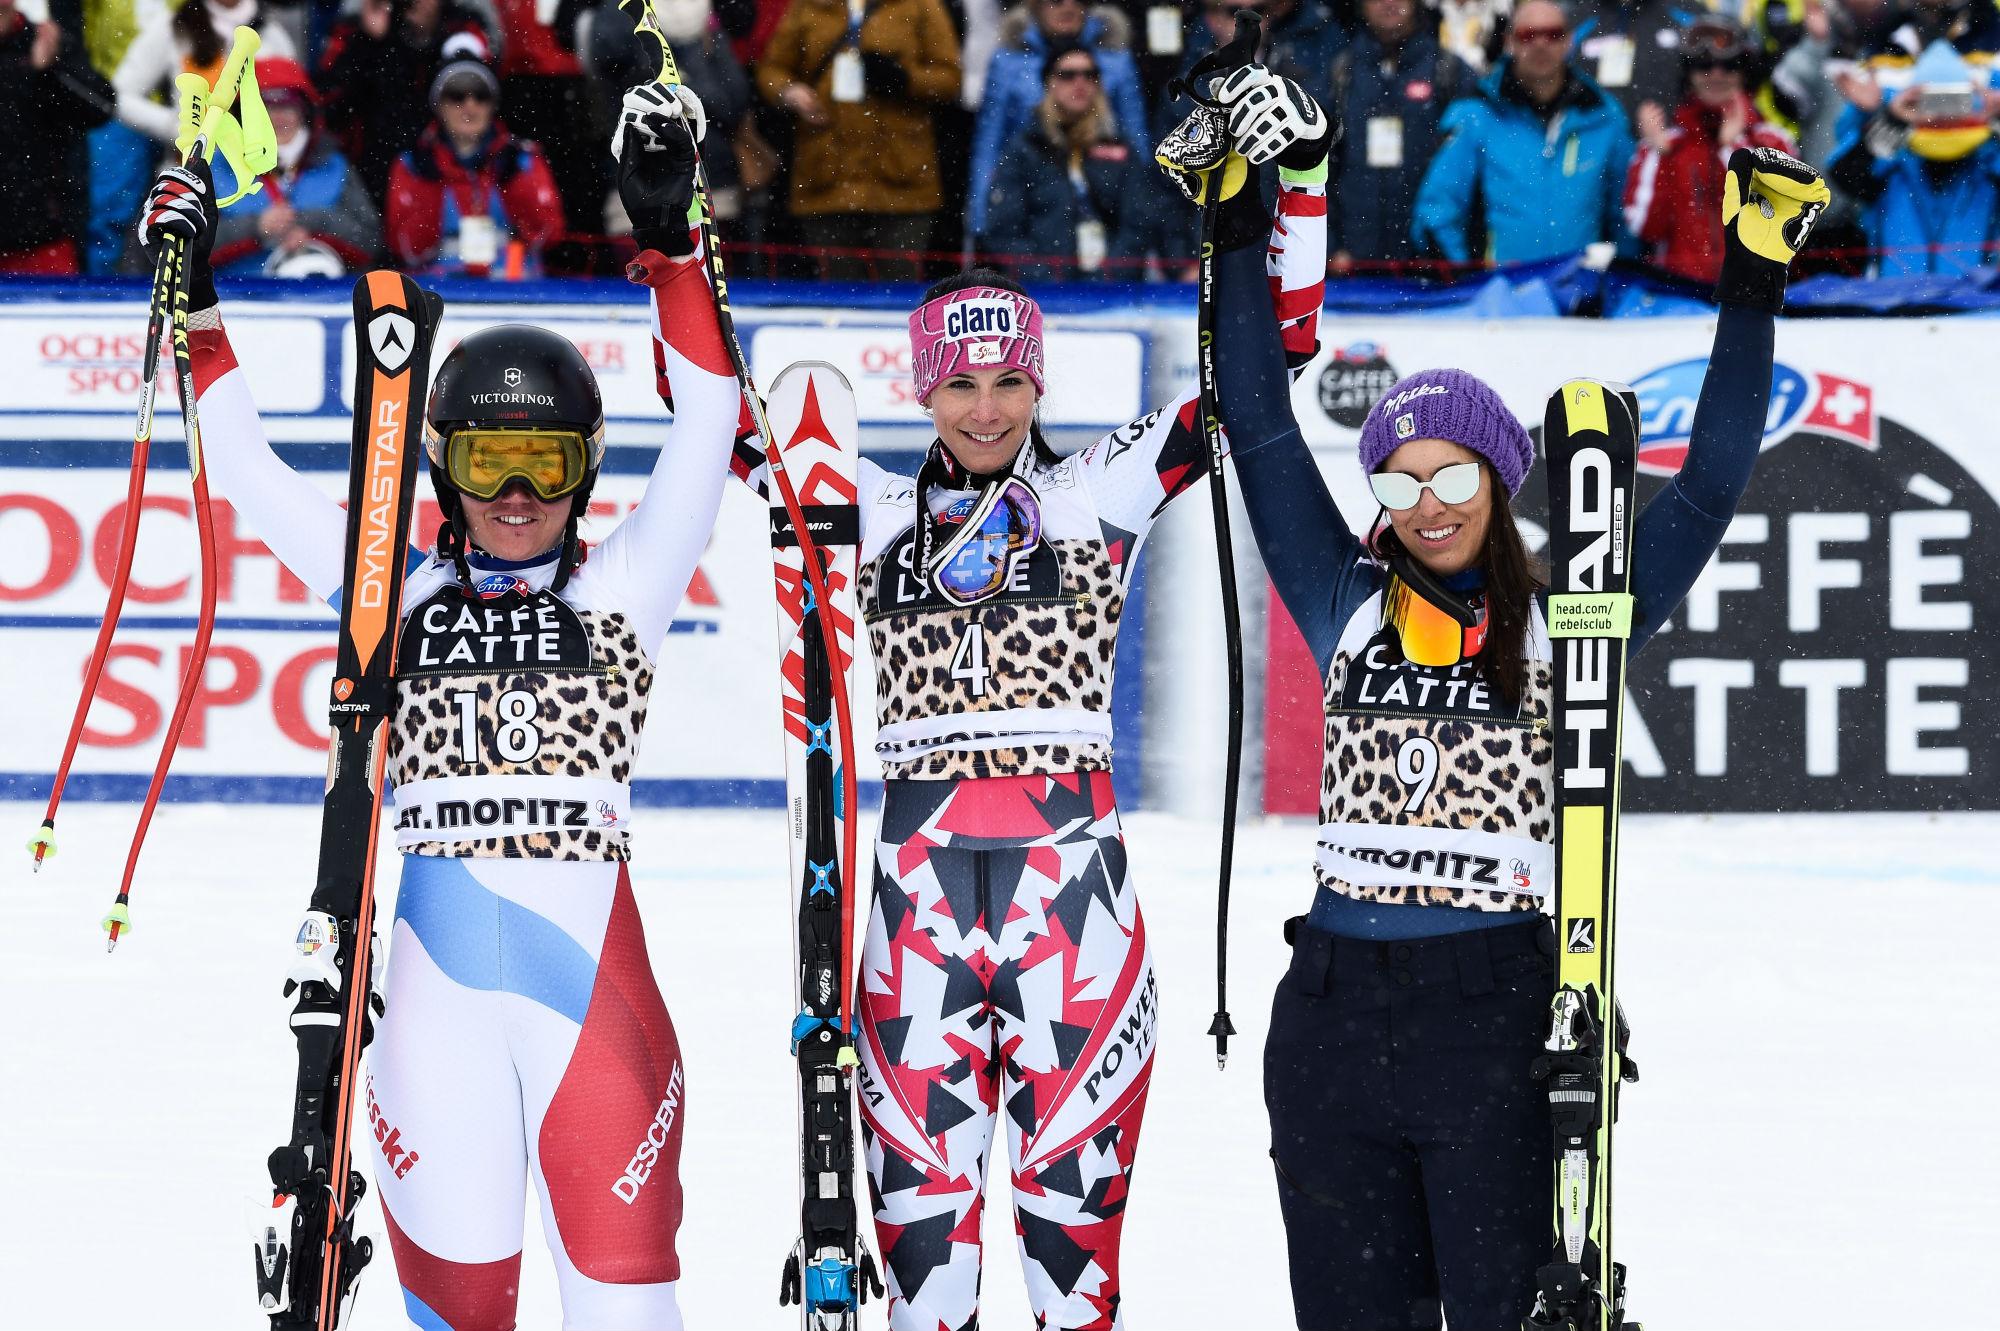 Fabienne Suter, Mirjam Puchner ed Elena Curtoni: il podio dell'ultima (decima) discesa stagionale, a St. Moritz